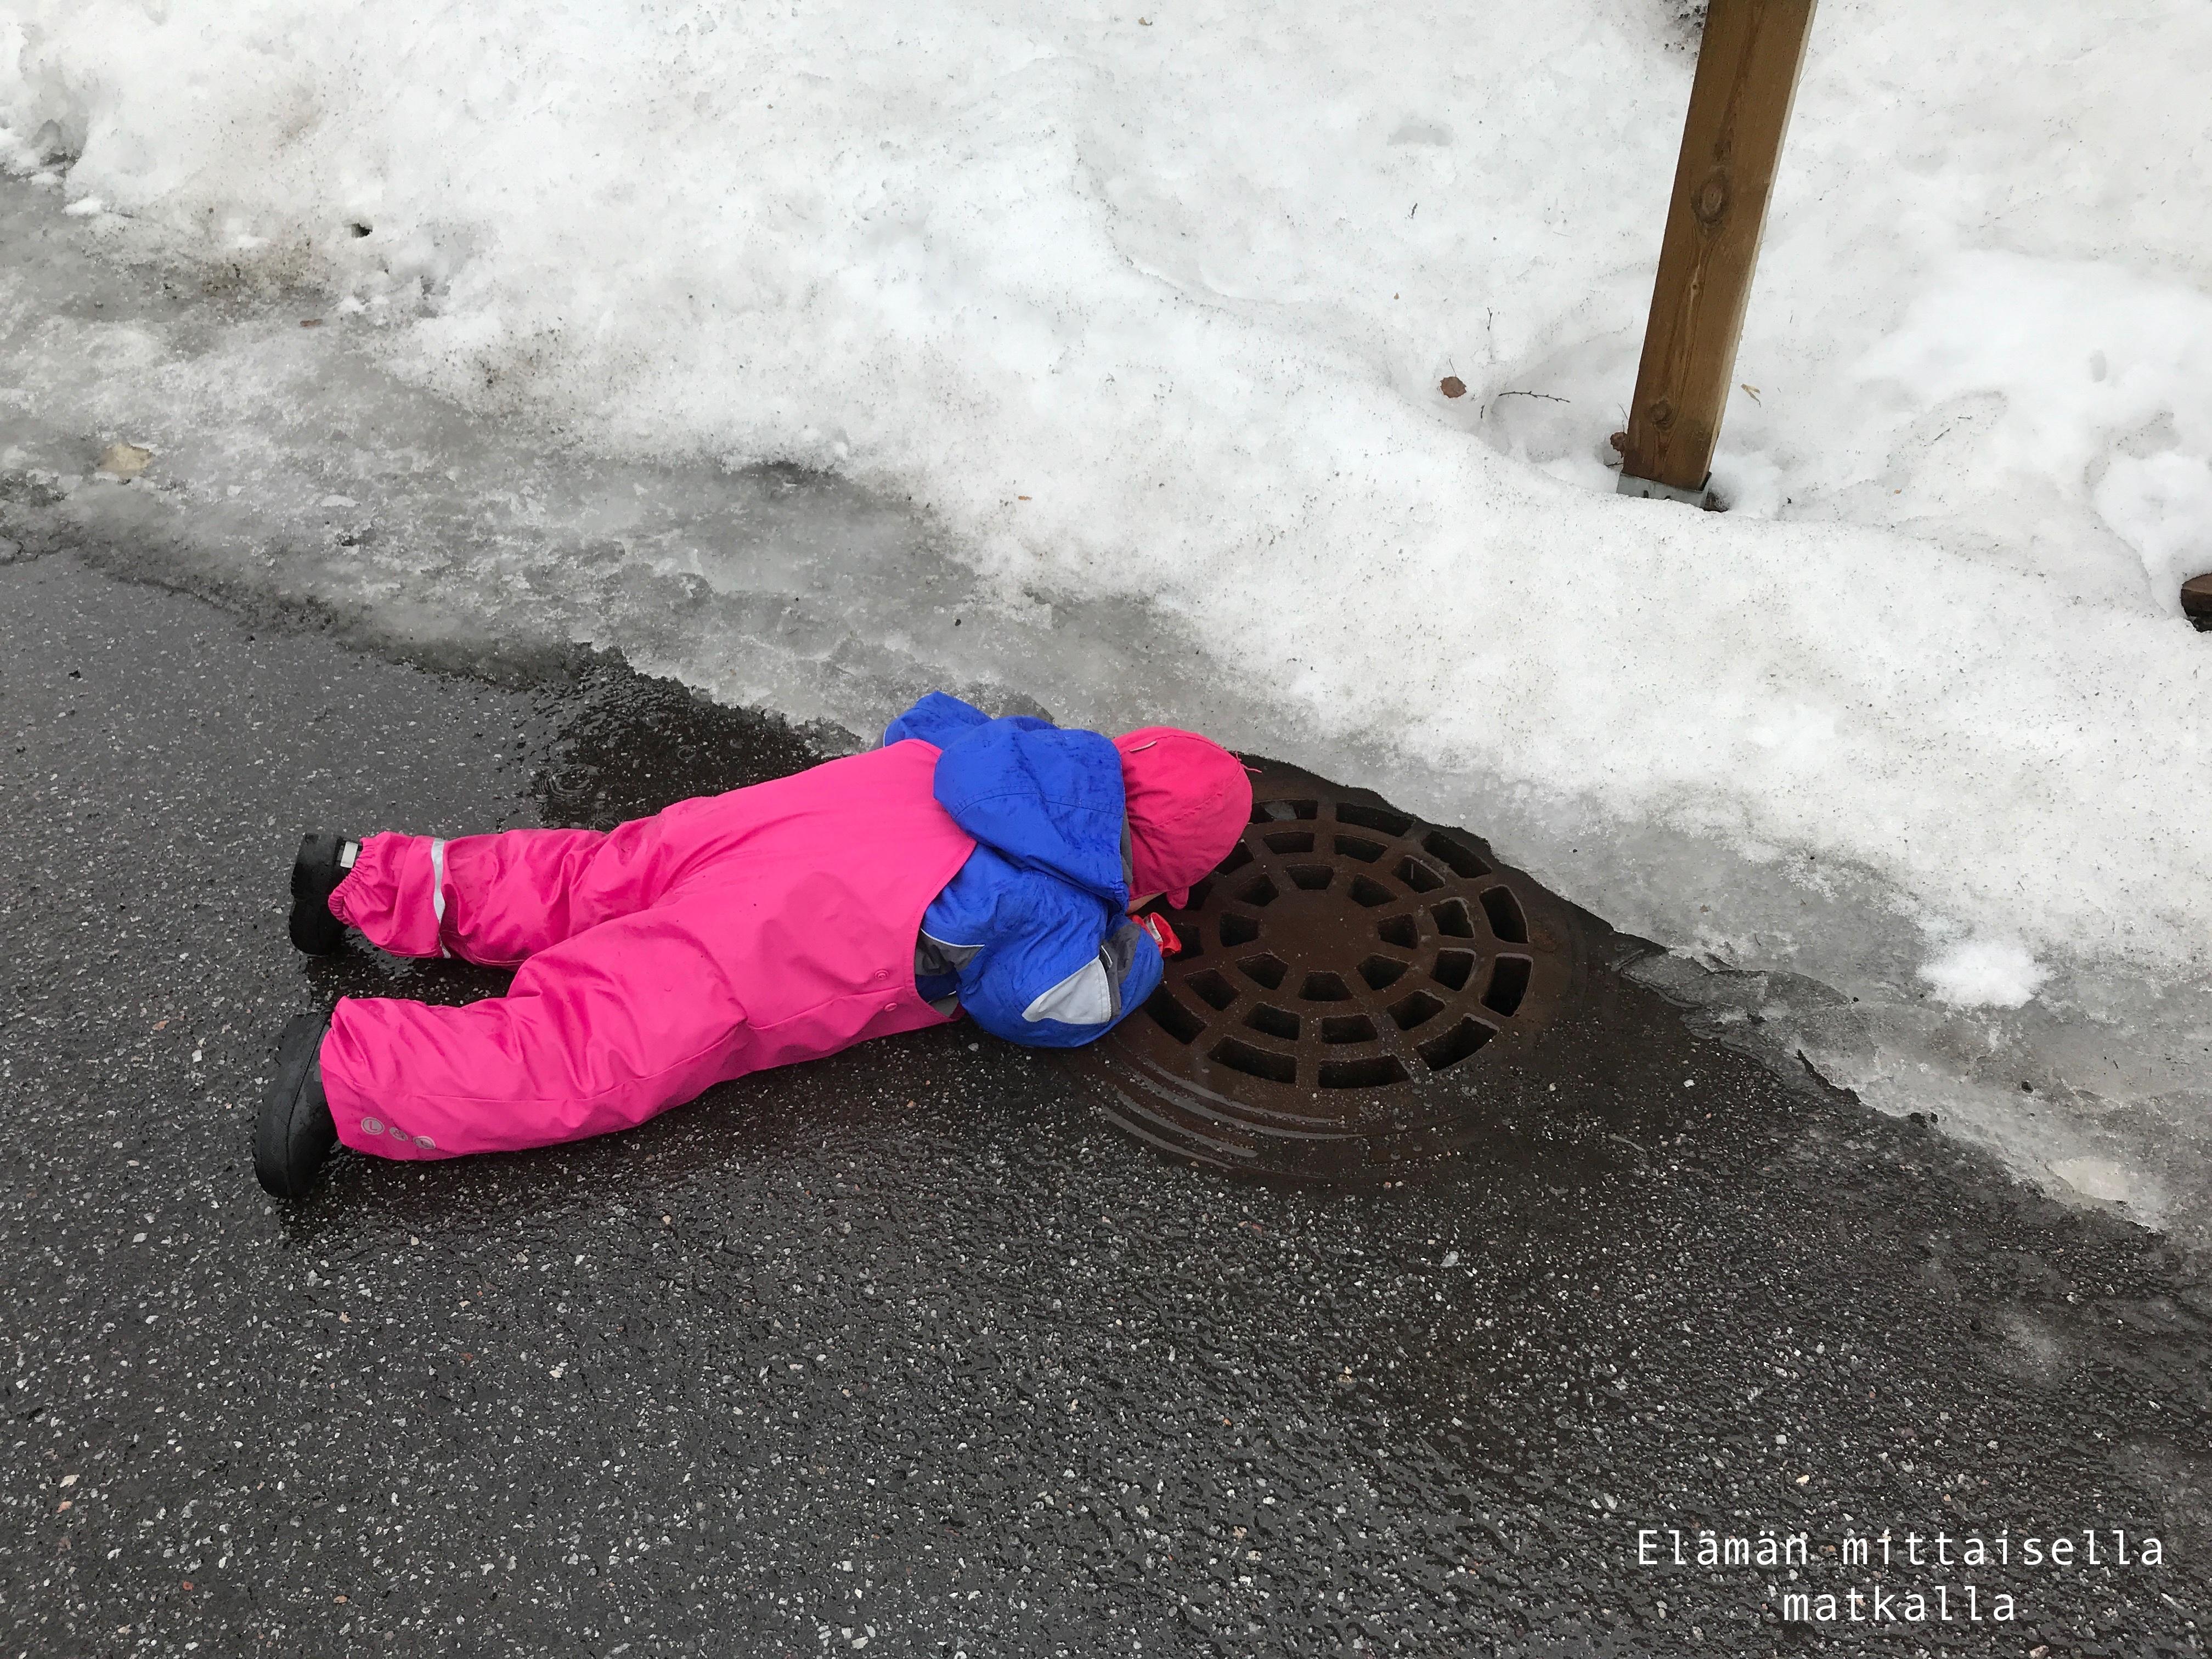 Lumen, jään ja vesisateen keskellä